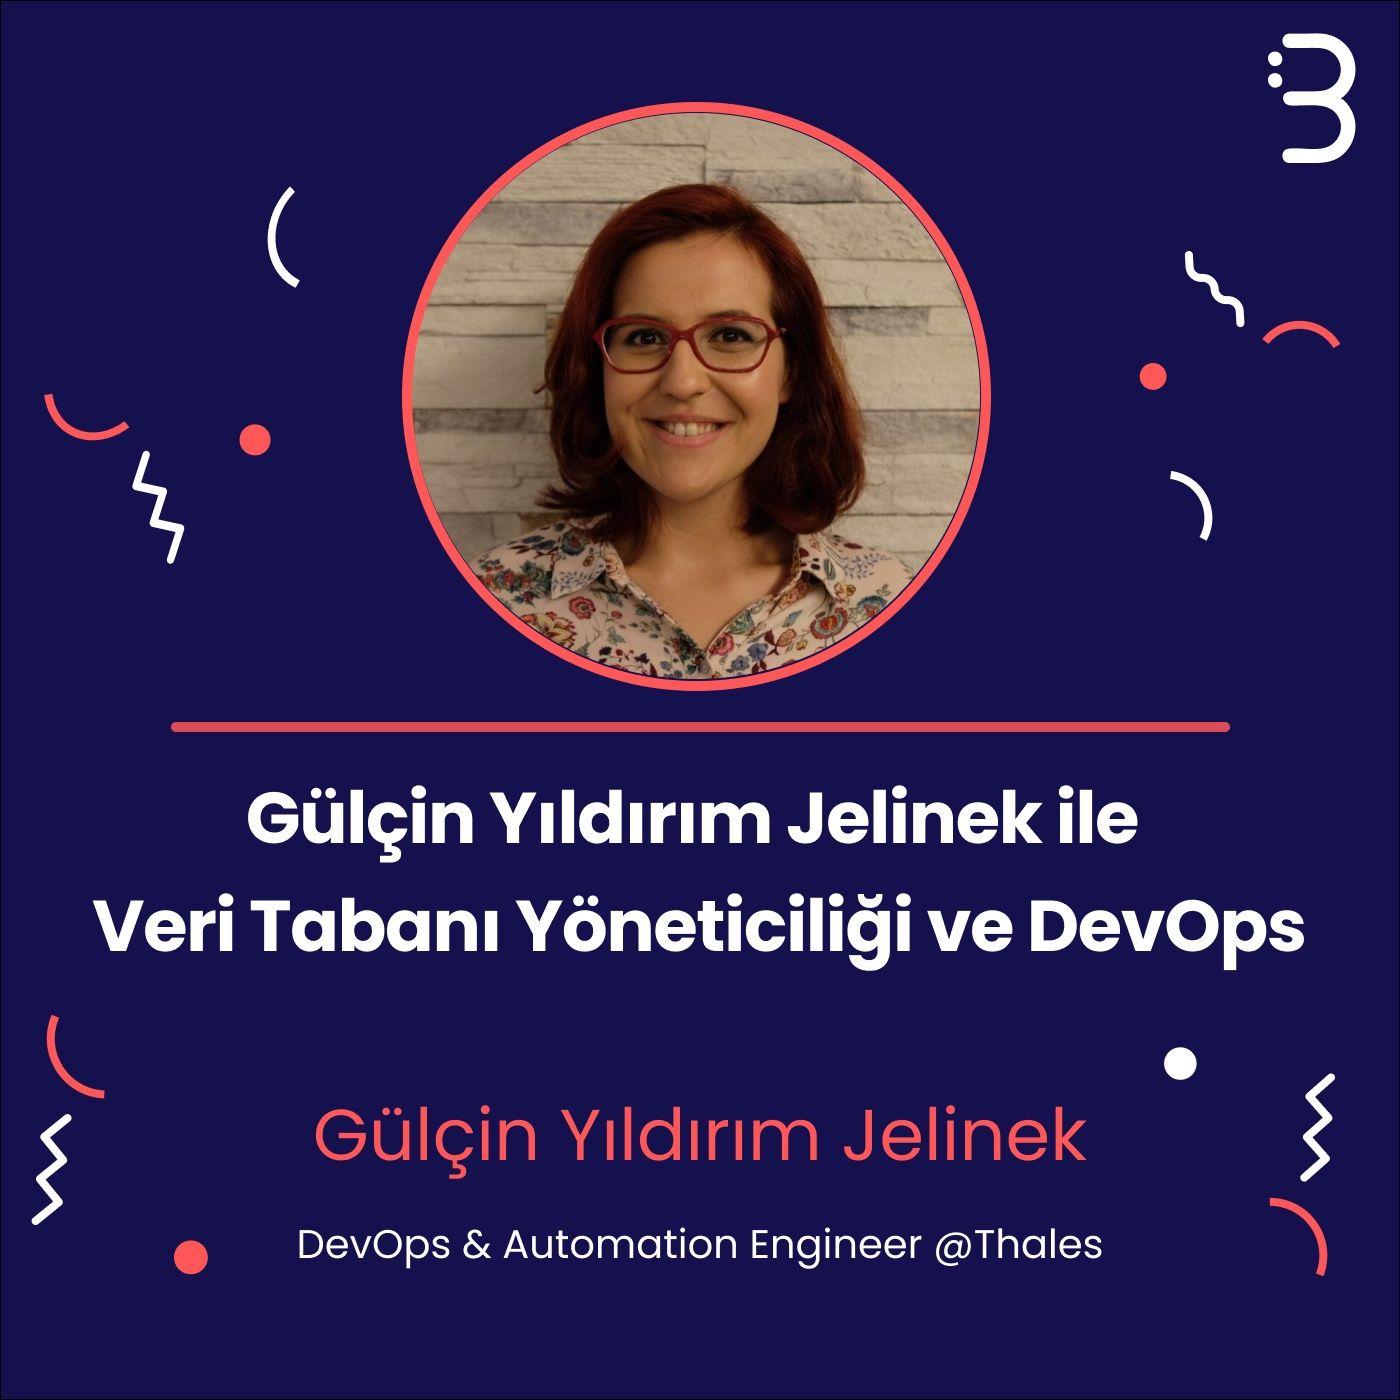 Teknik: Gülçin Yıldırım Jelinek ile Veri Tabanı Yöneticiliği ve DevOps